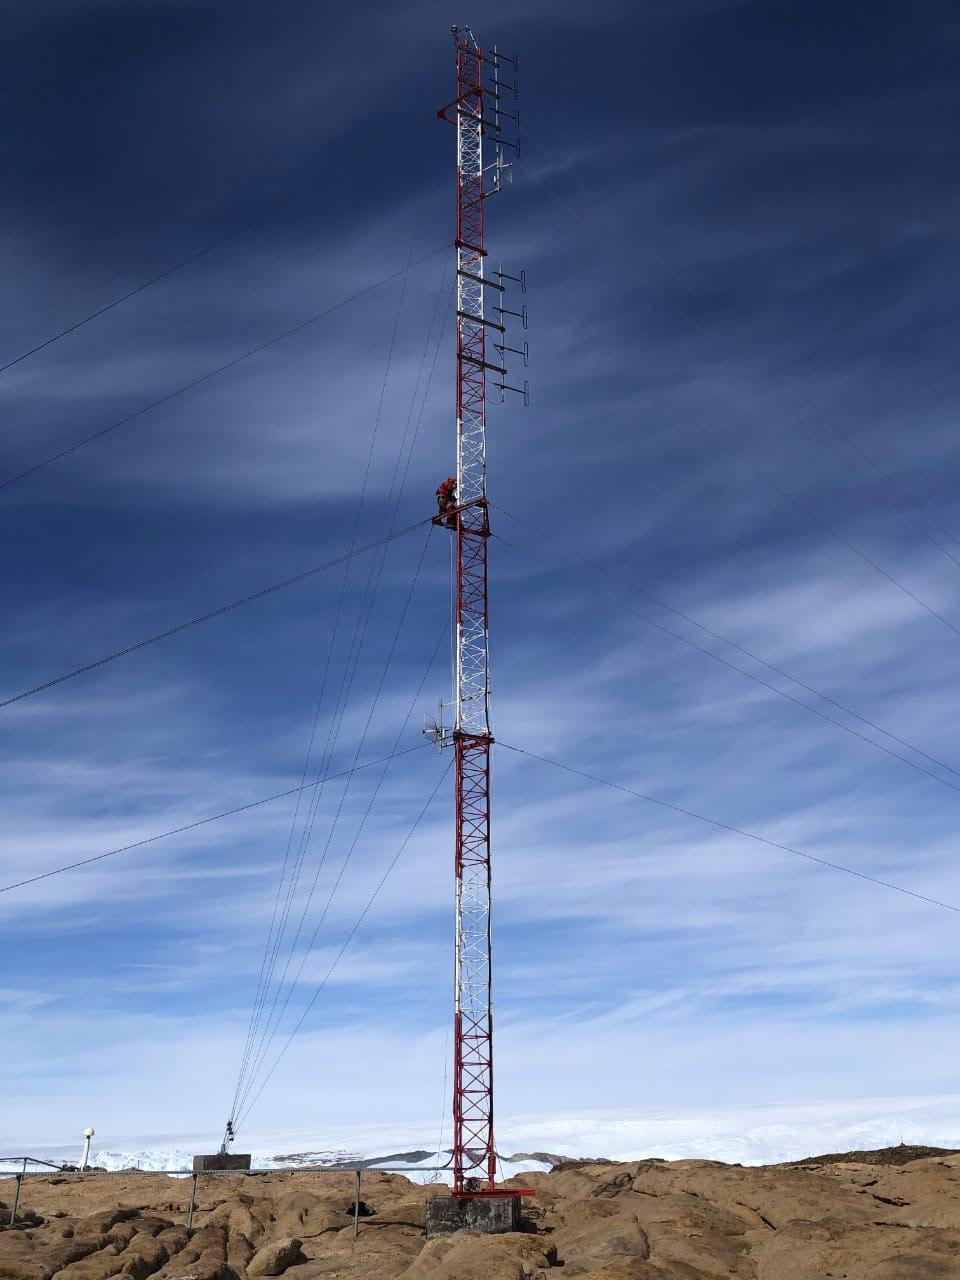 МТС запустила в Антарктиде первую российскую сеть сотовой связи 1